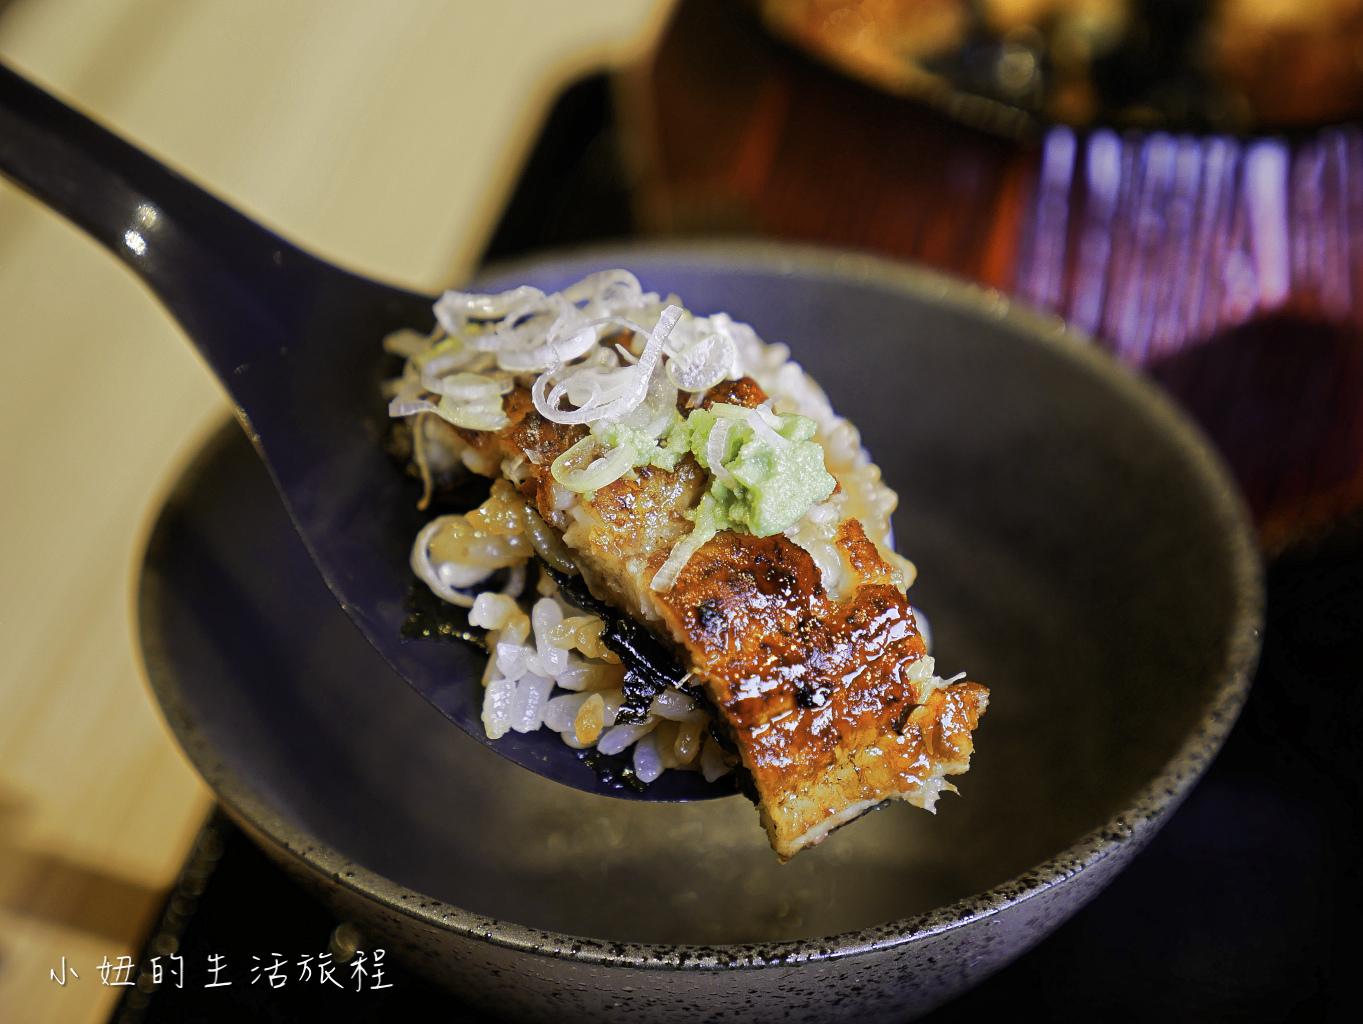 江戶川,台灣,台北,鰻魚飯-15.jpg